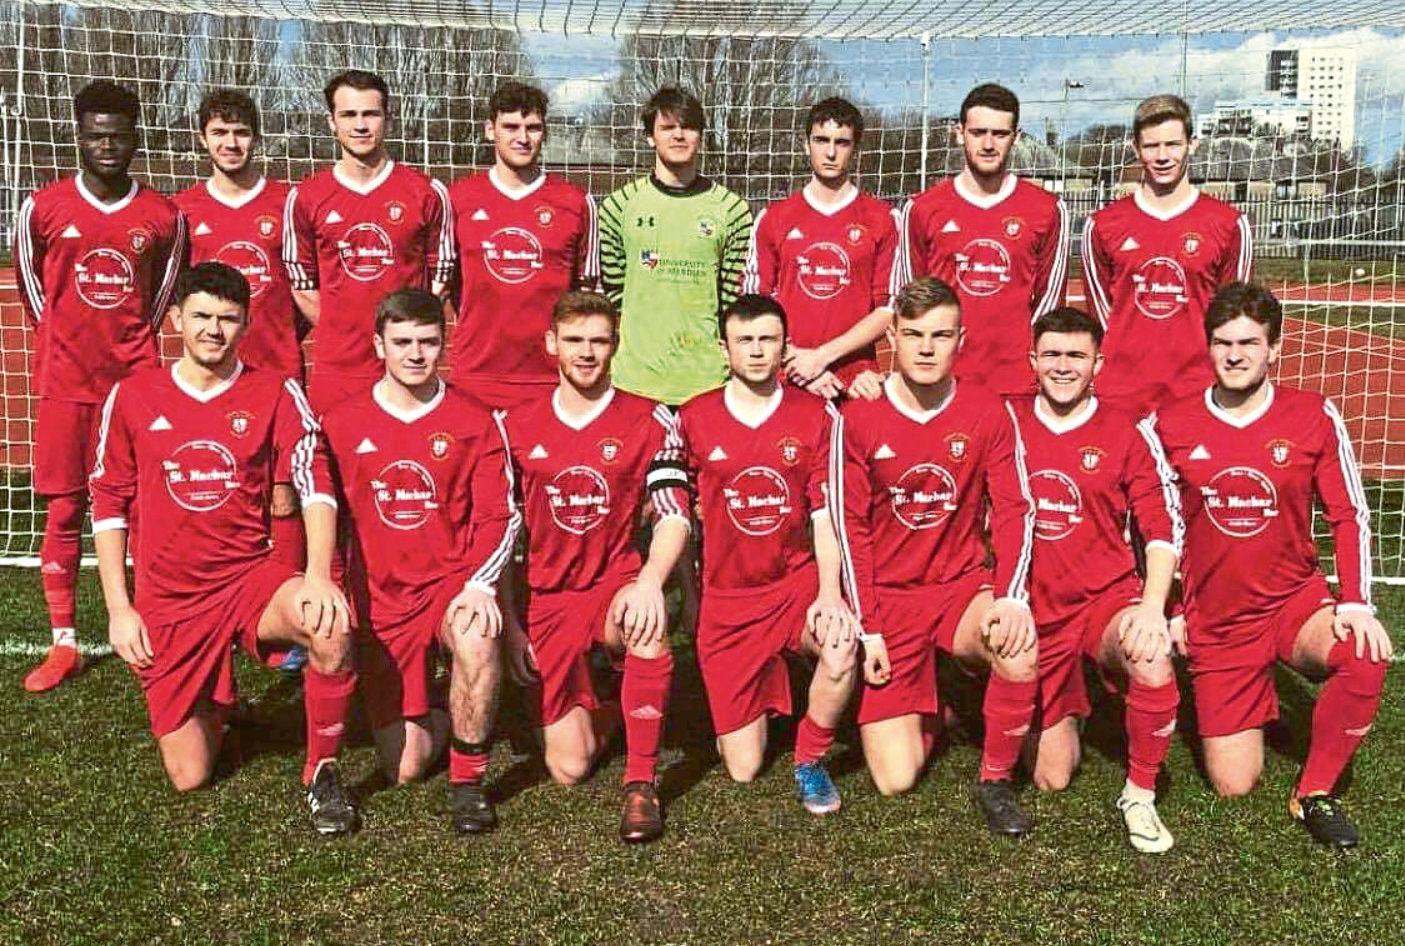 Aberdeen University Men's Football Club 2nd team